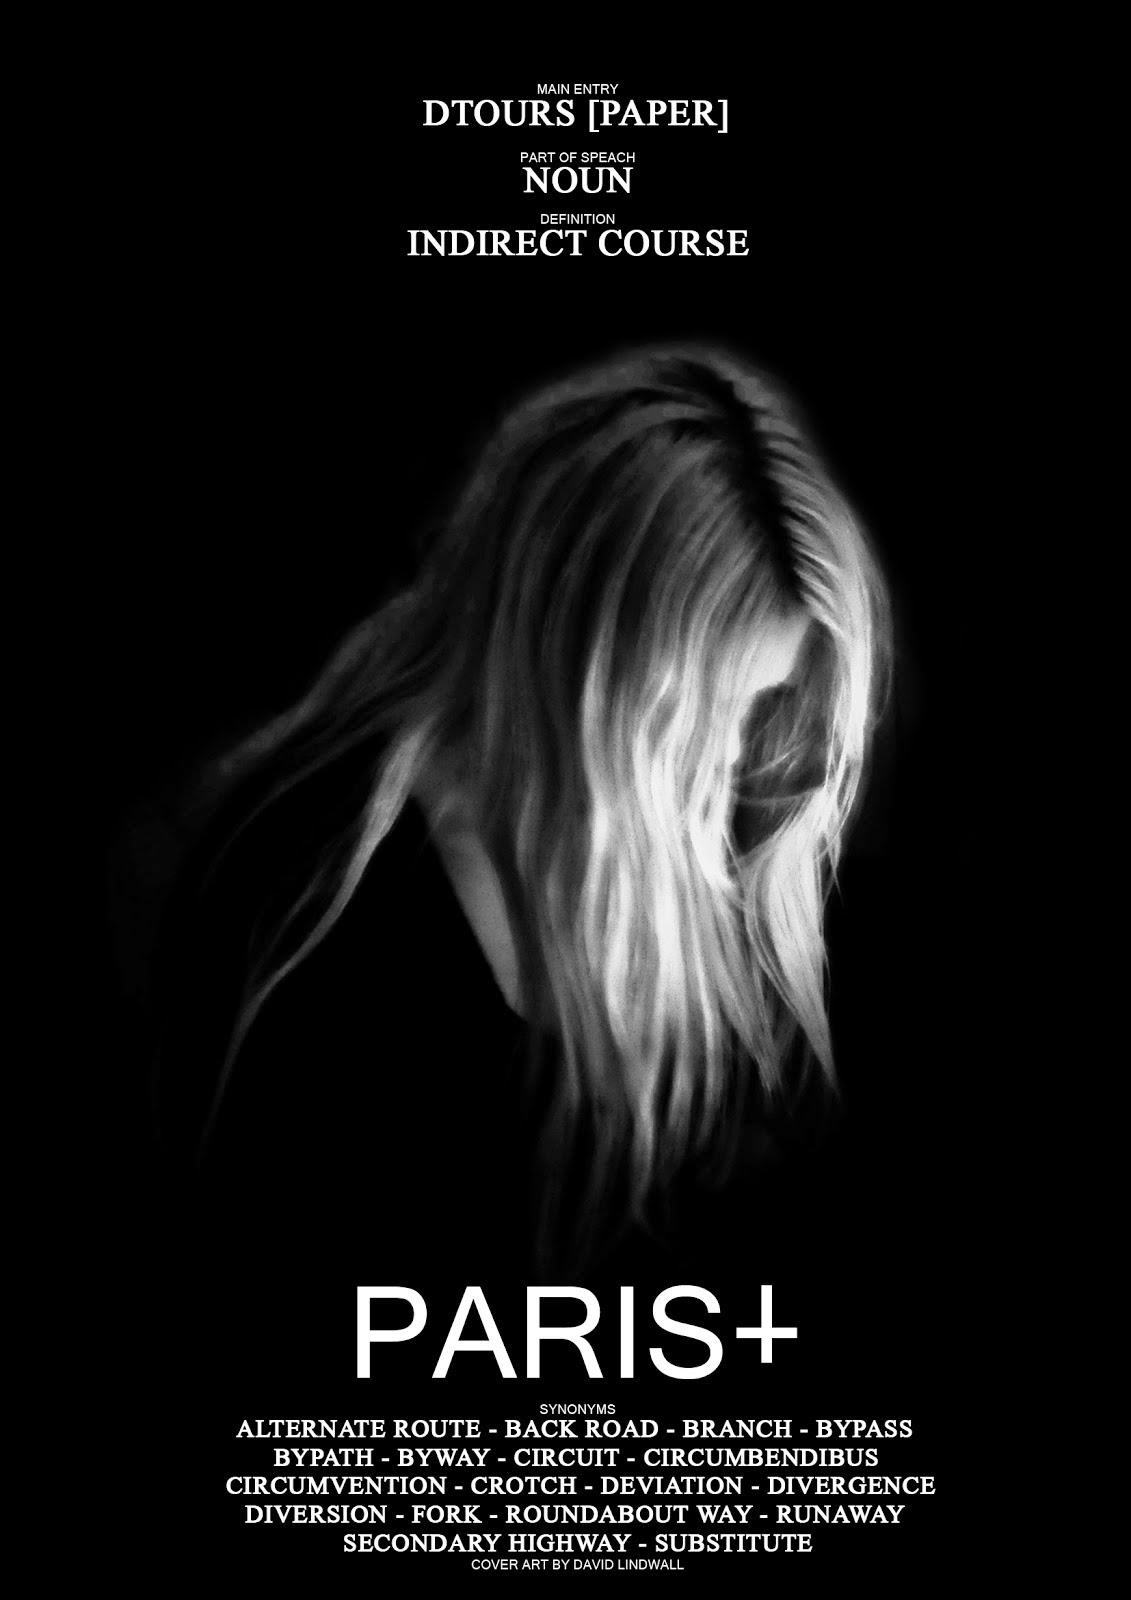 DTOURS PAPER PARIS+